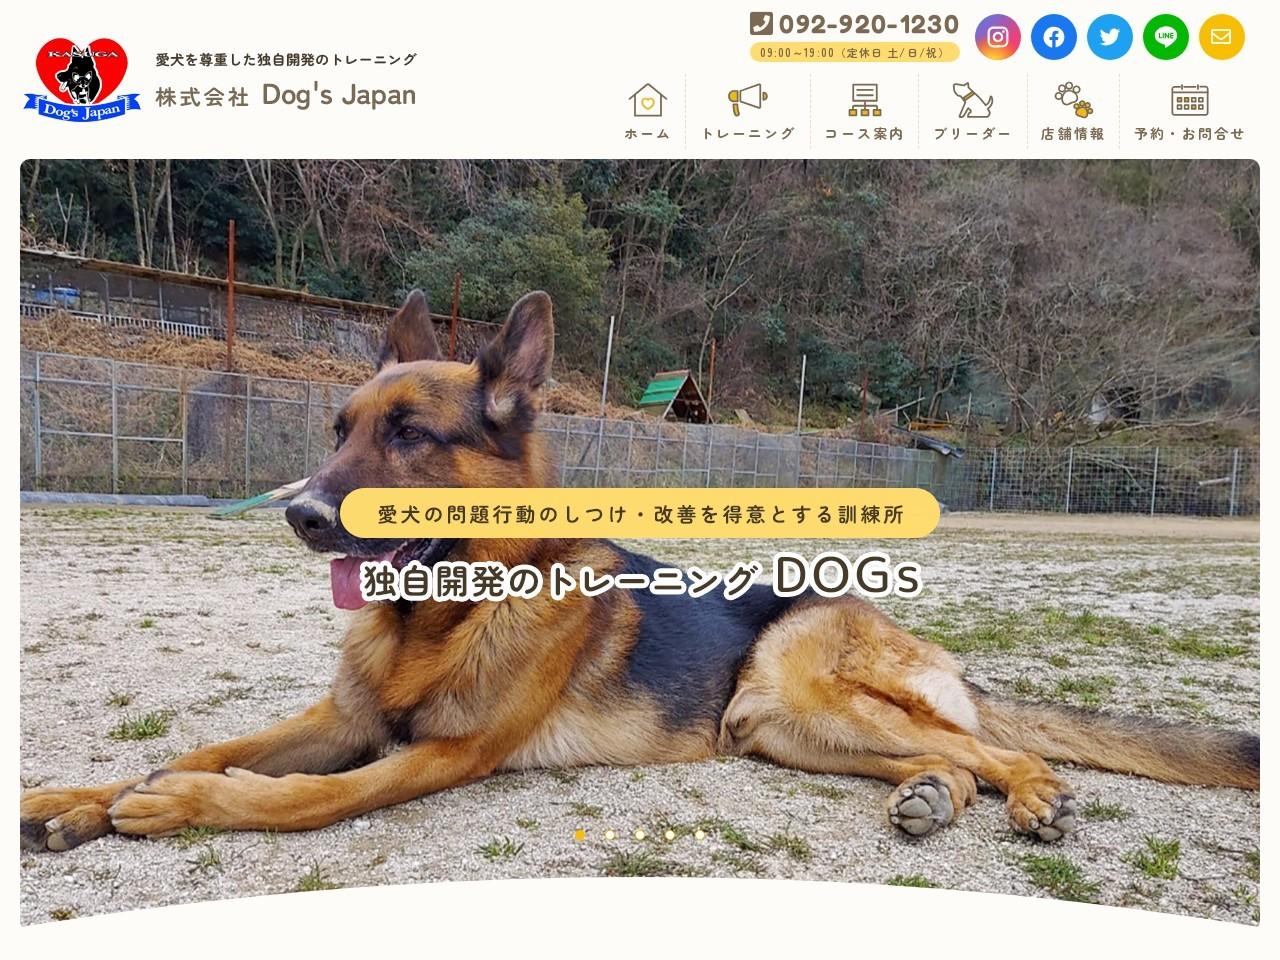 株式会社Dog'sJapan春日ドッグスクール校